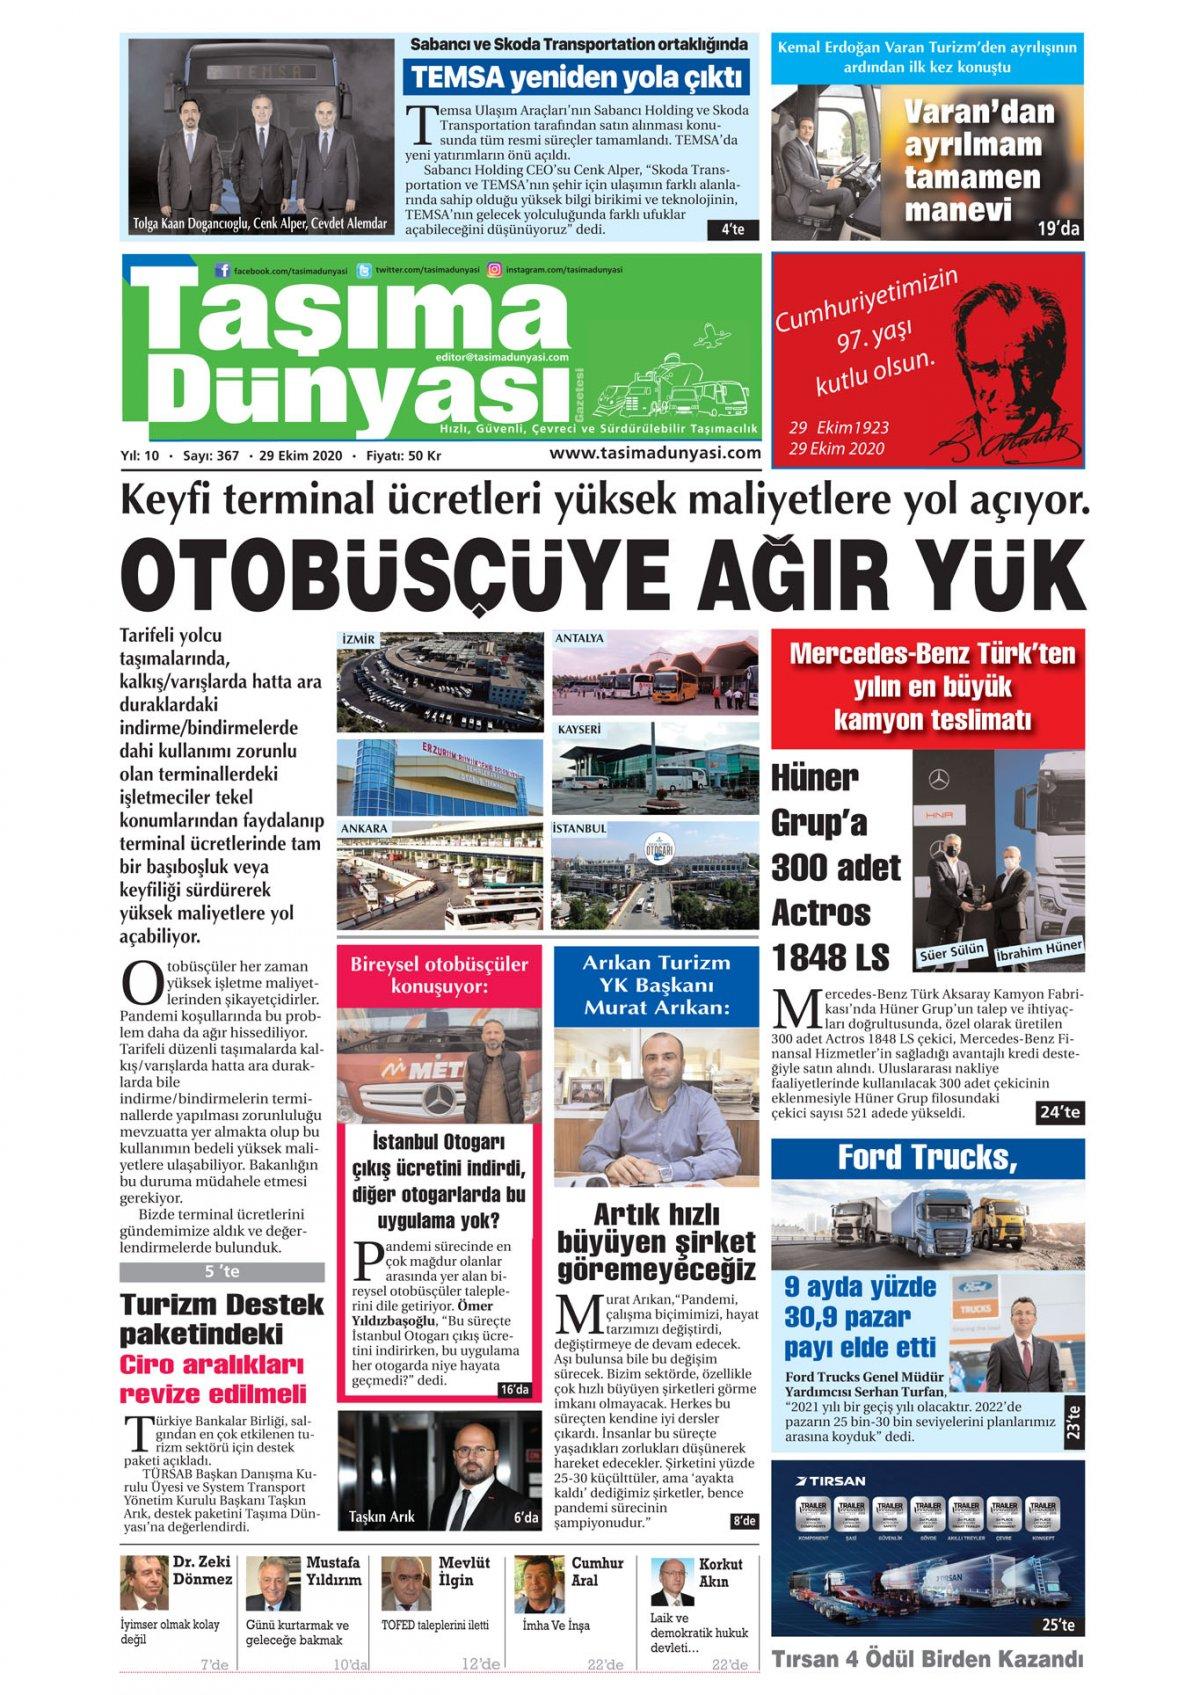 Taşıma Dünyası Gazetesi - 02.11.2020 Manşeti